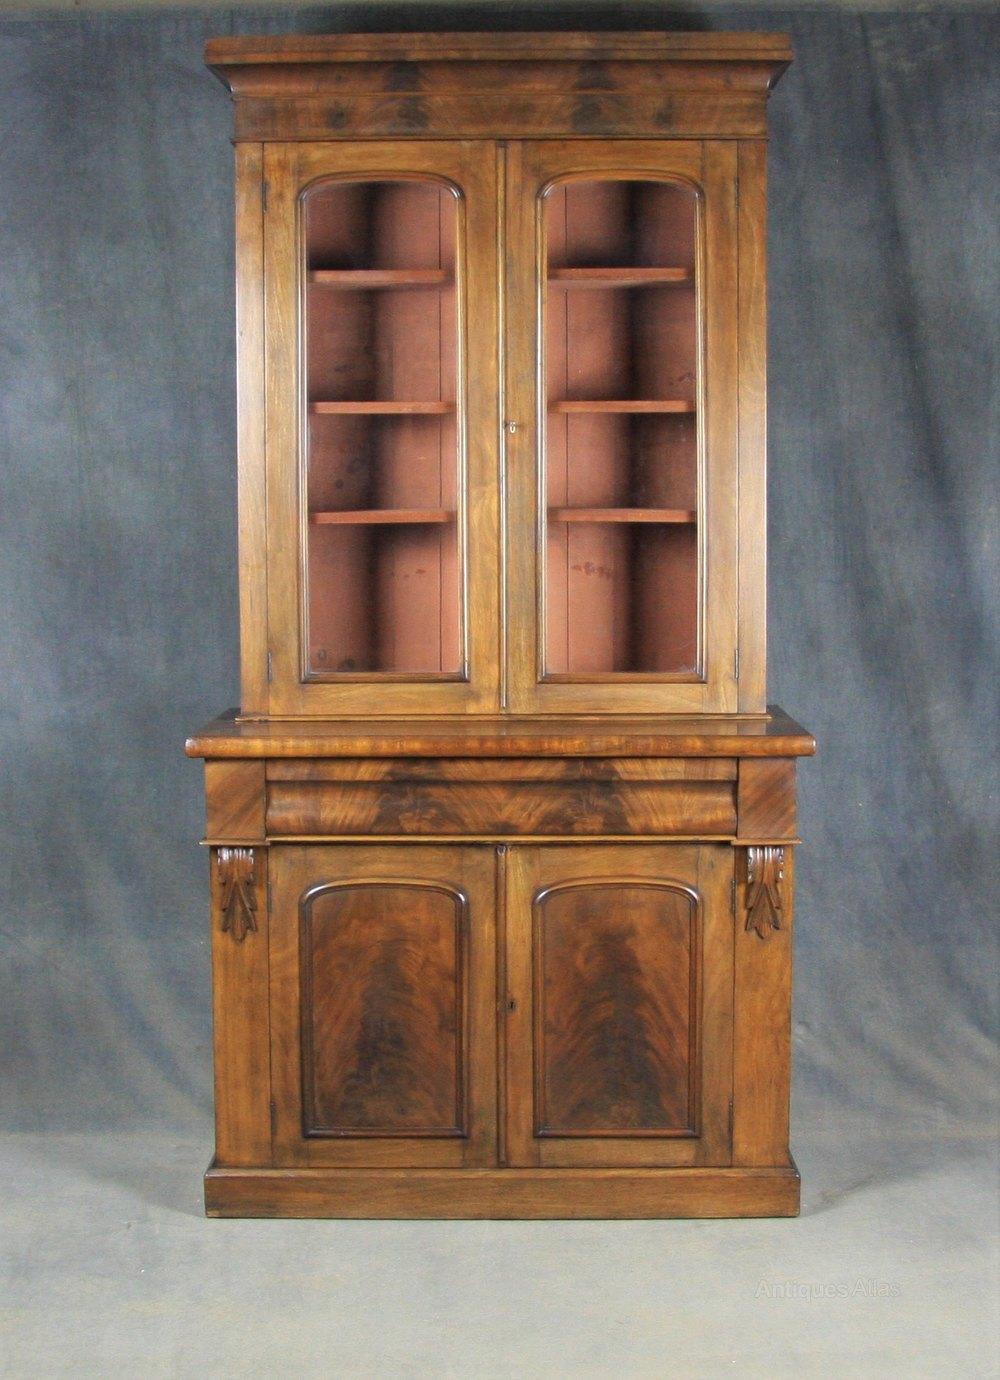 Victorian Mahogany Bookcase Antiques Atlas